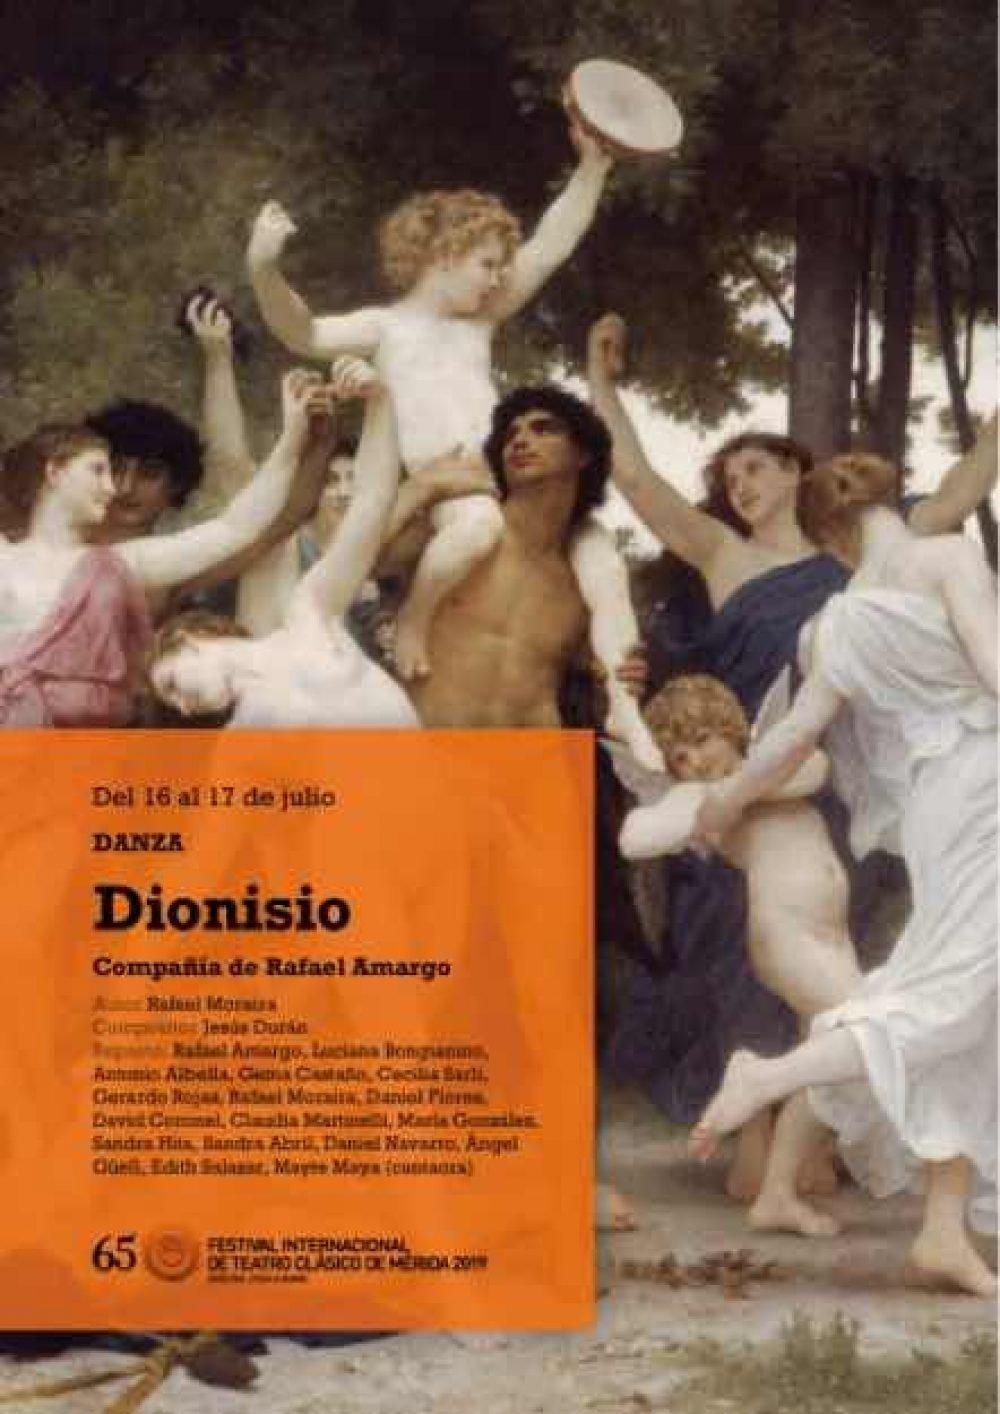 Dionisio. Festival Internacional de Teatro Clásico de Mérida